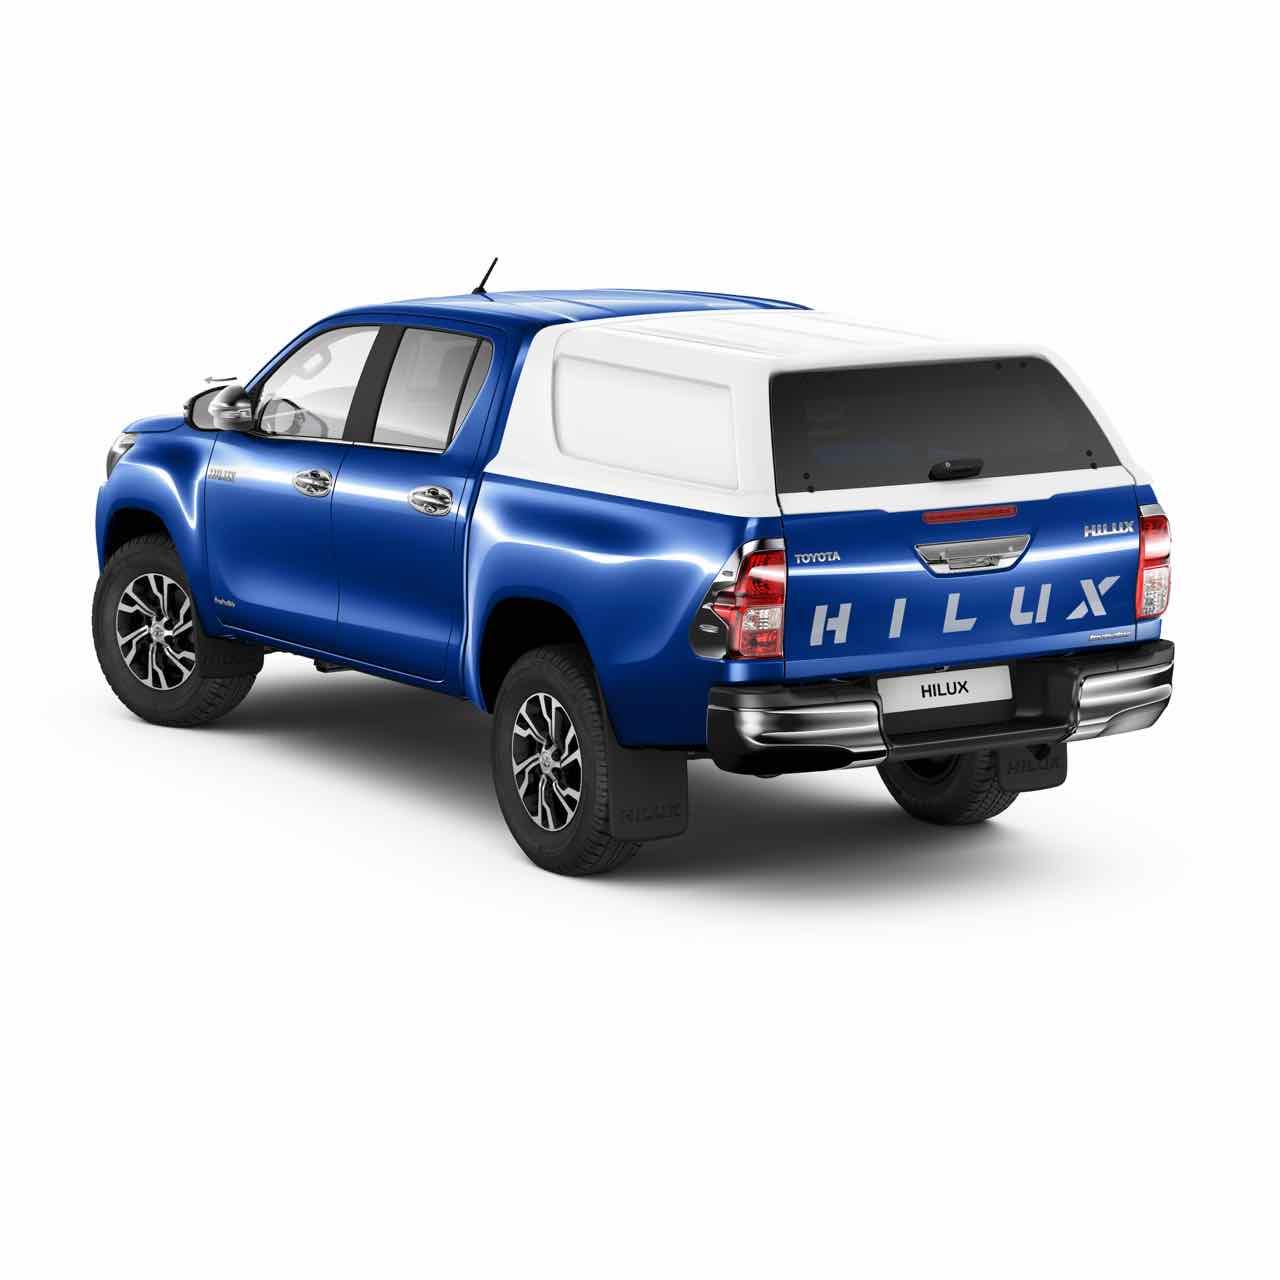 Toyota Hilux accesorios originales – 9